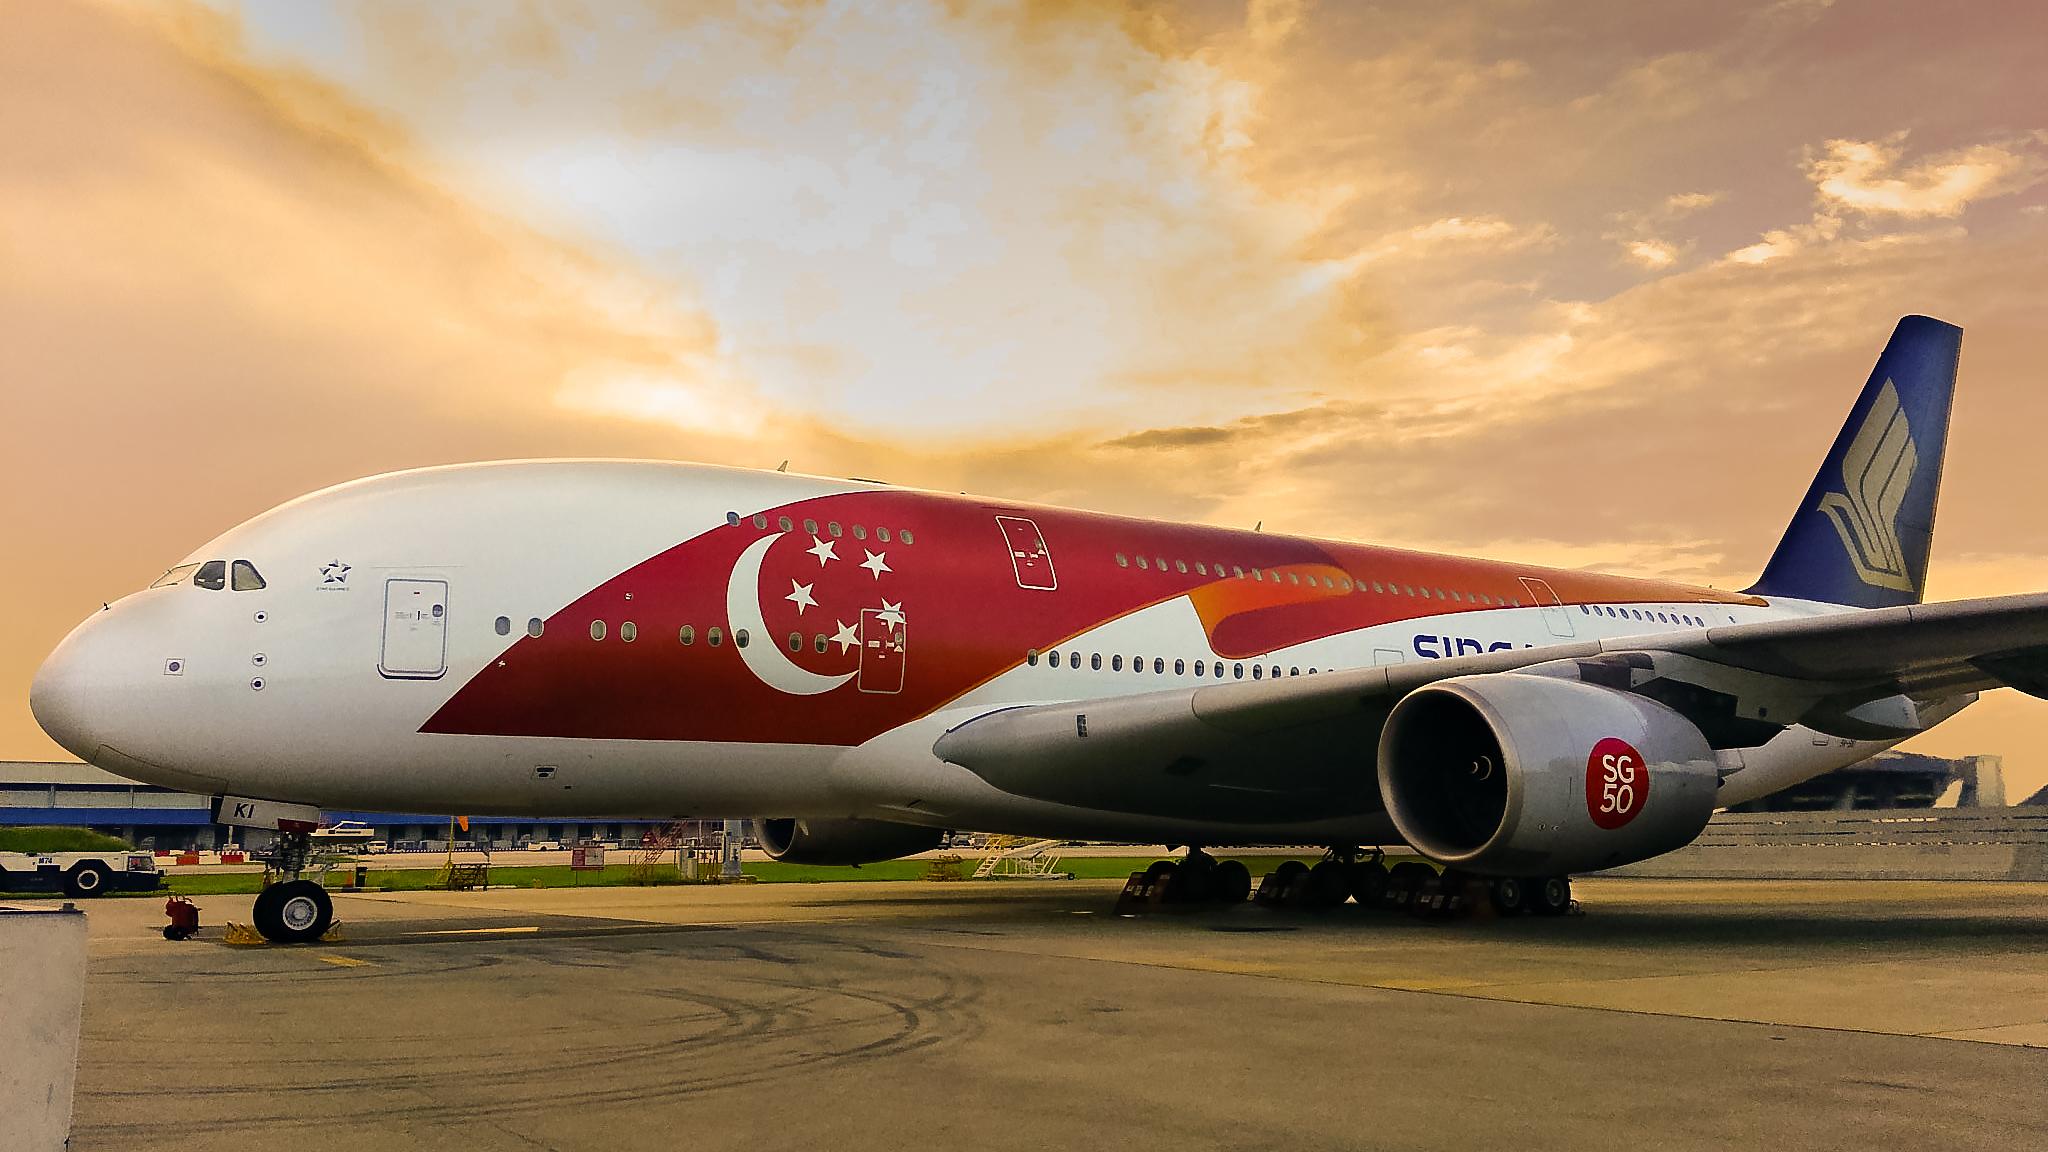 Singapore Flugzeug 50 BDAY